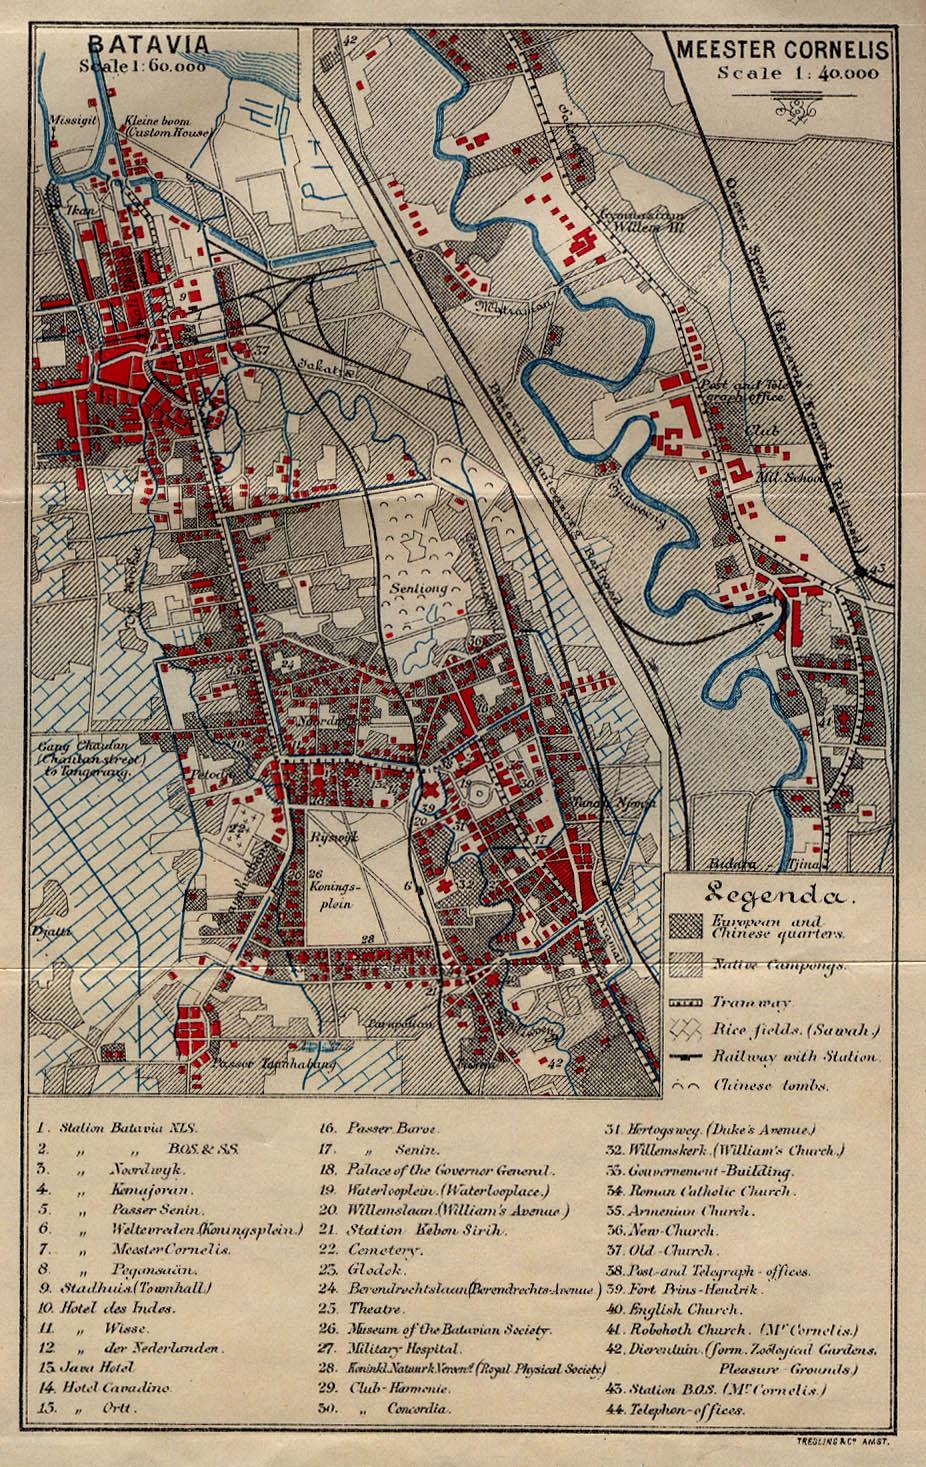 Batavia in 1897